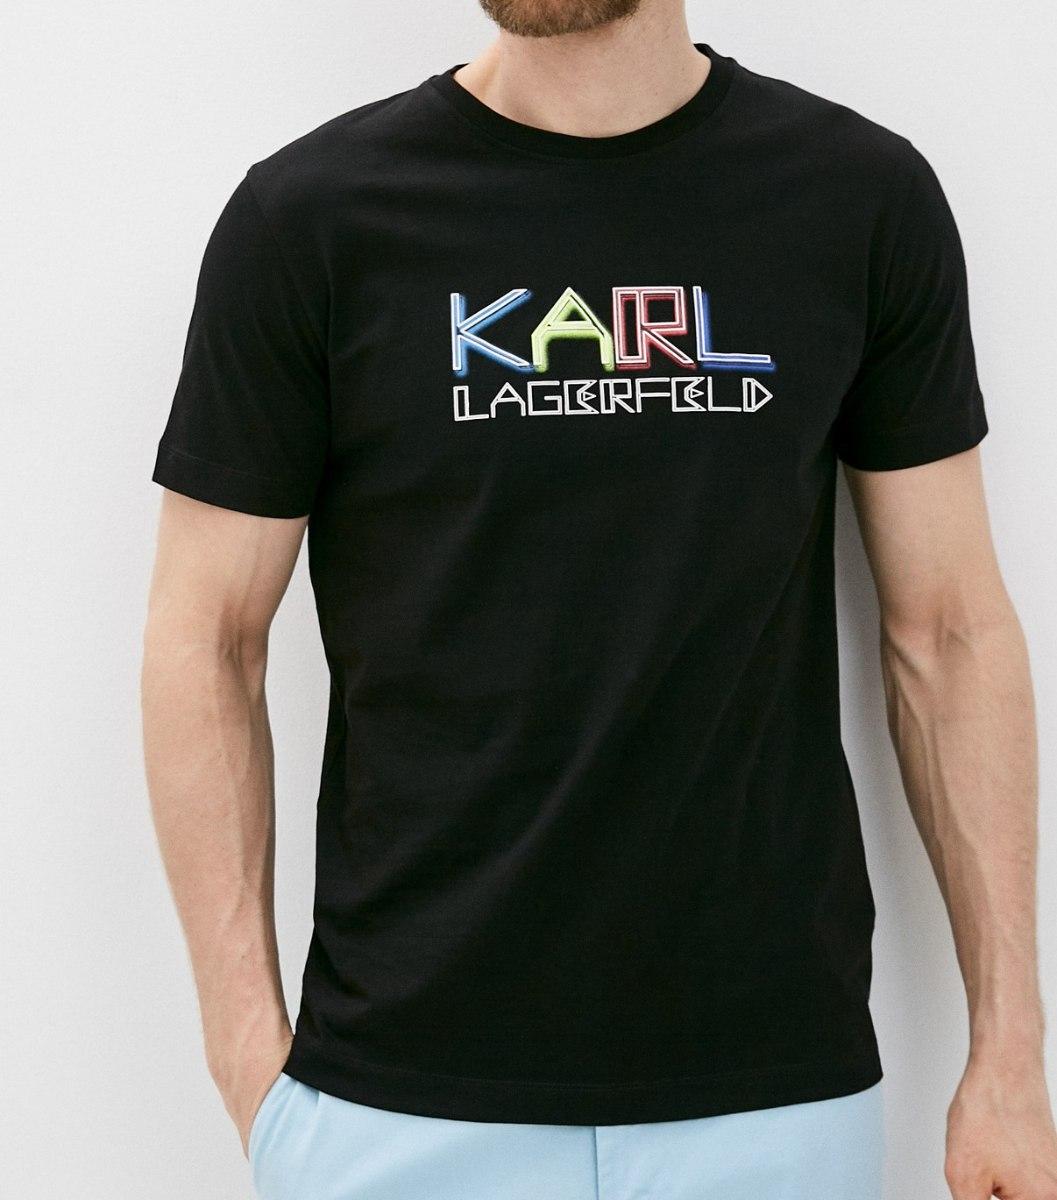 גברים   KARL LAGERFELD T-SHIRT LOGO BLACK